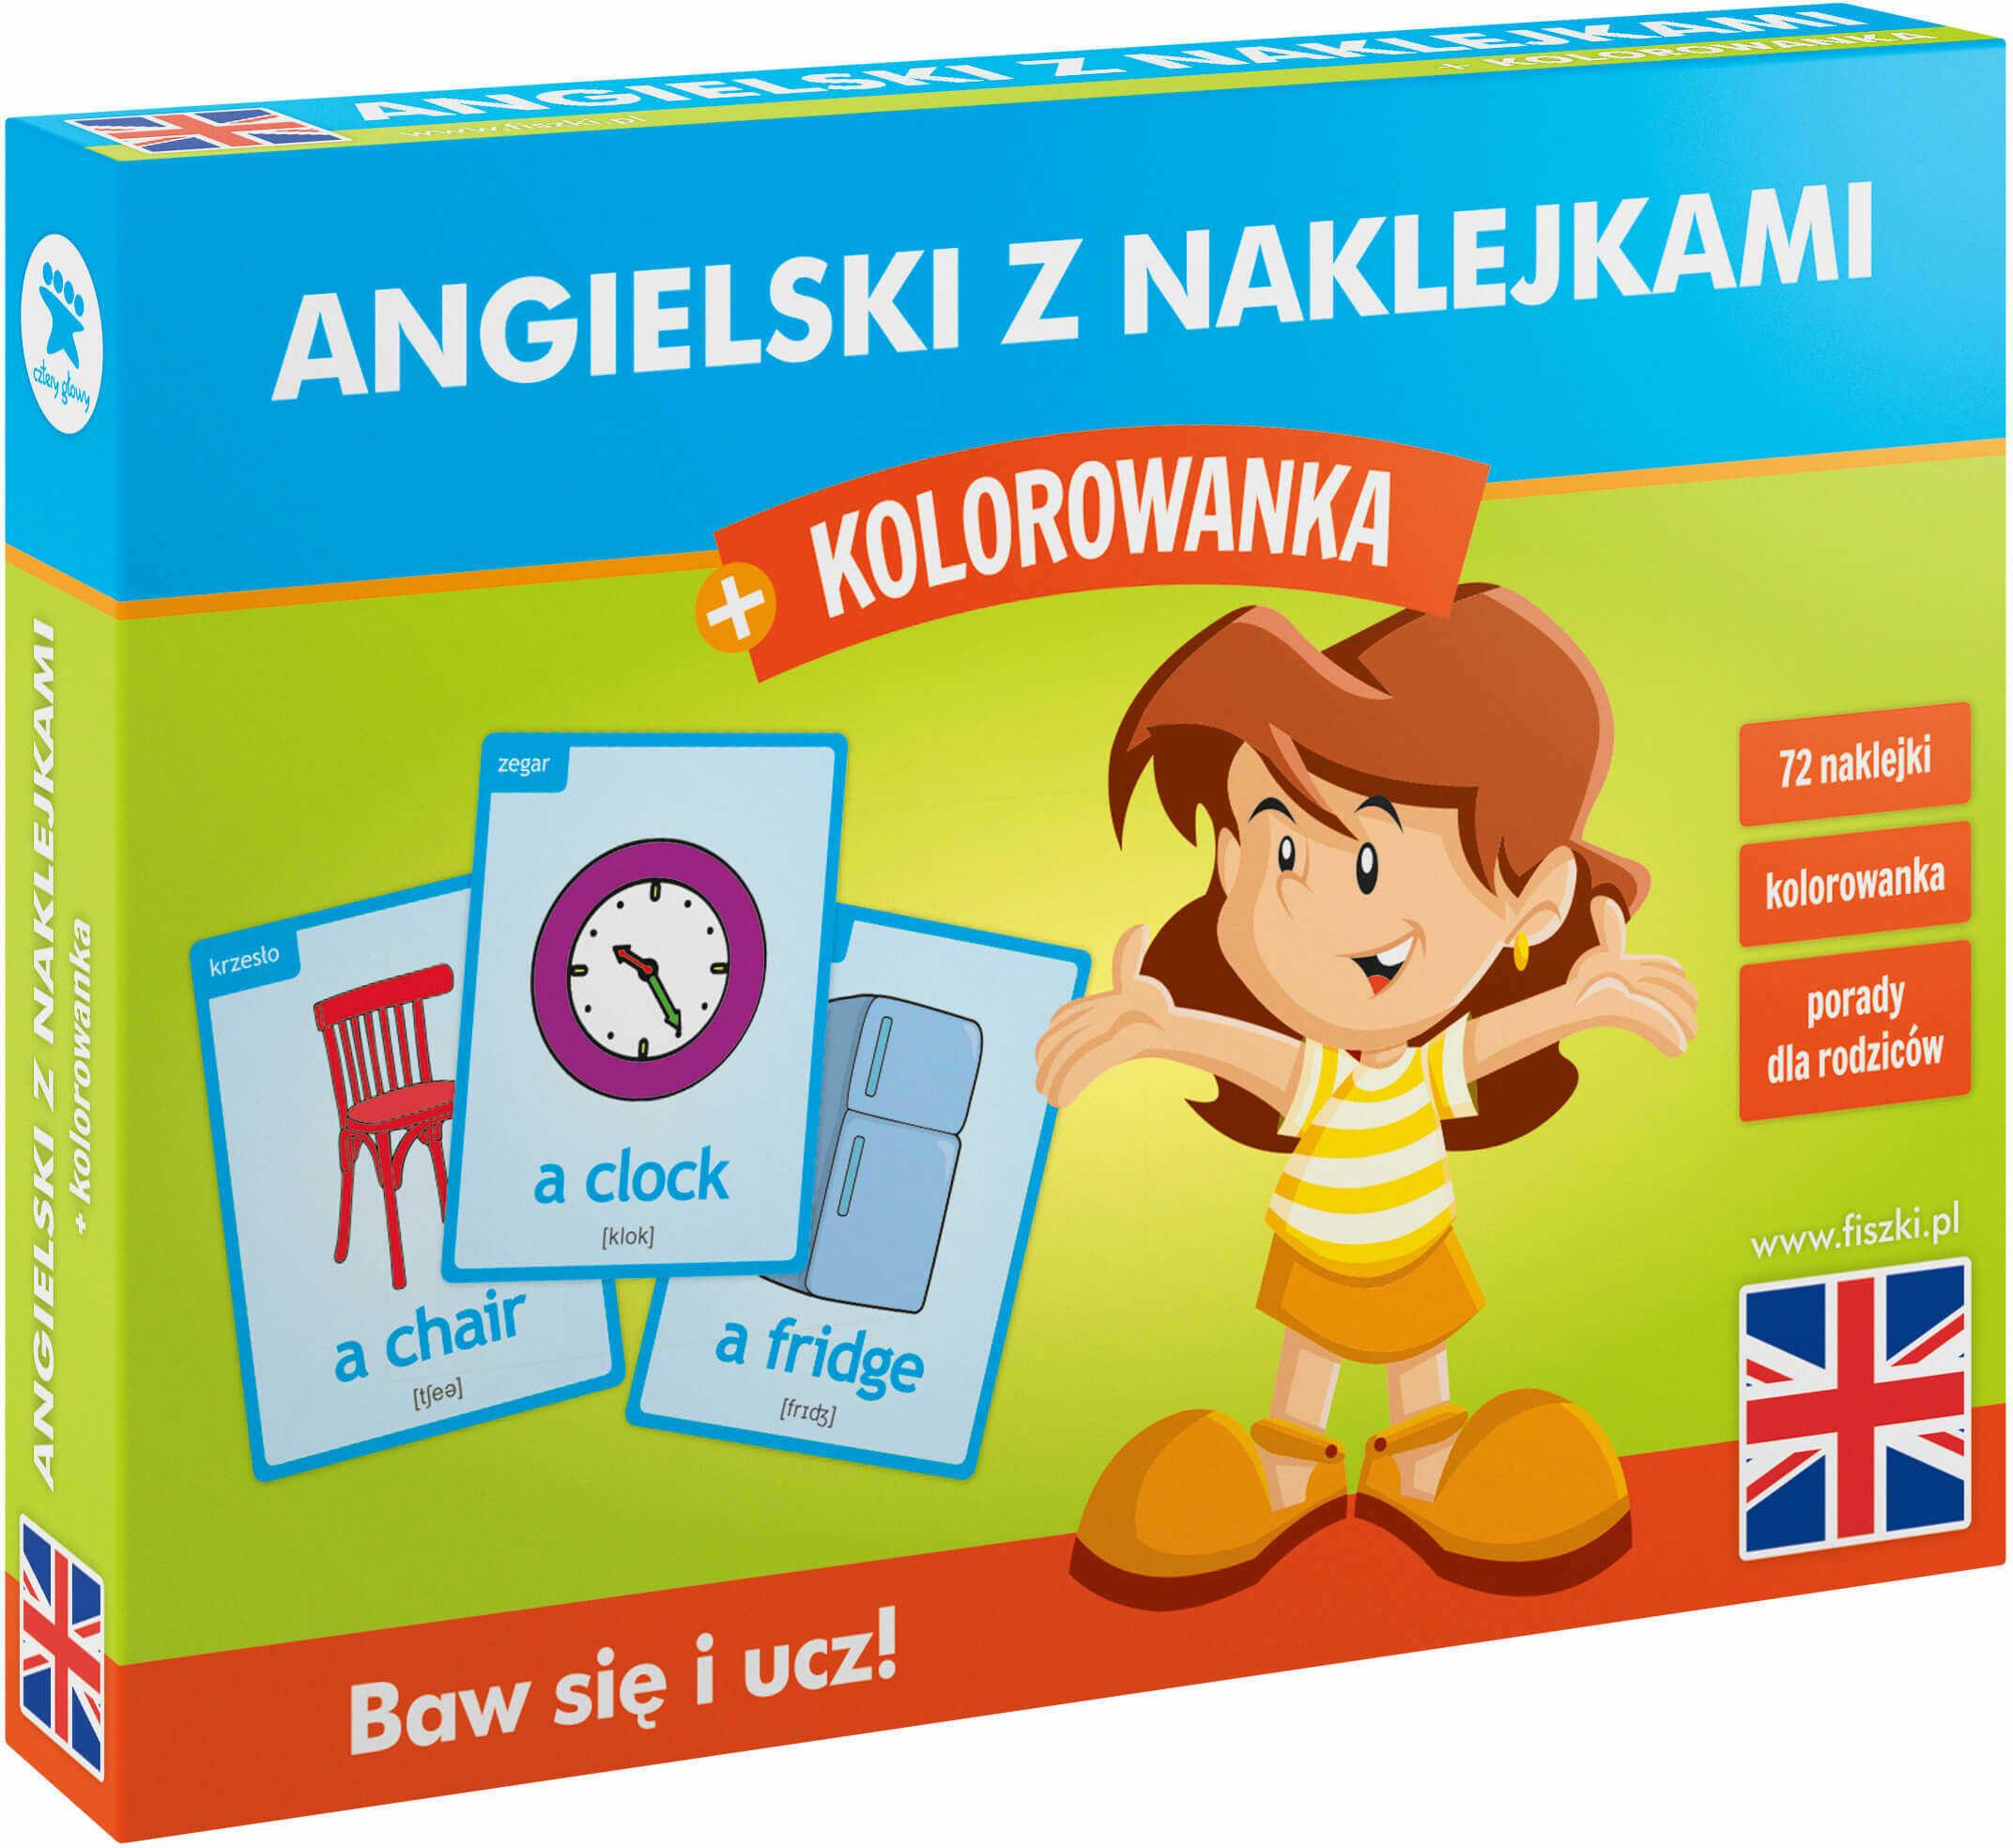 NAKLEJKI edukacyjne + kolorowanka - angielski